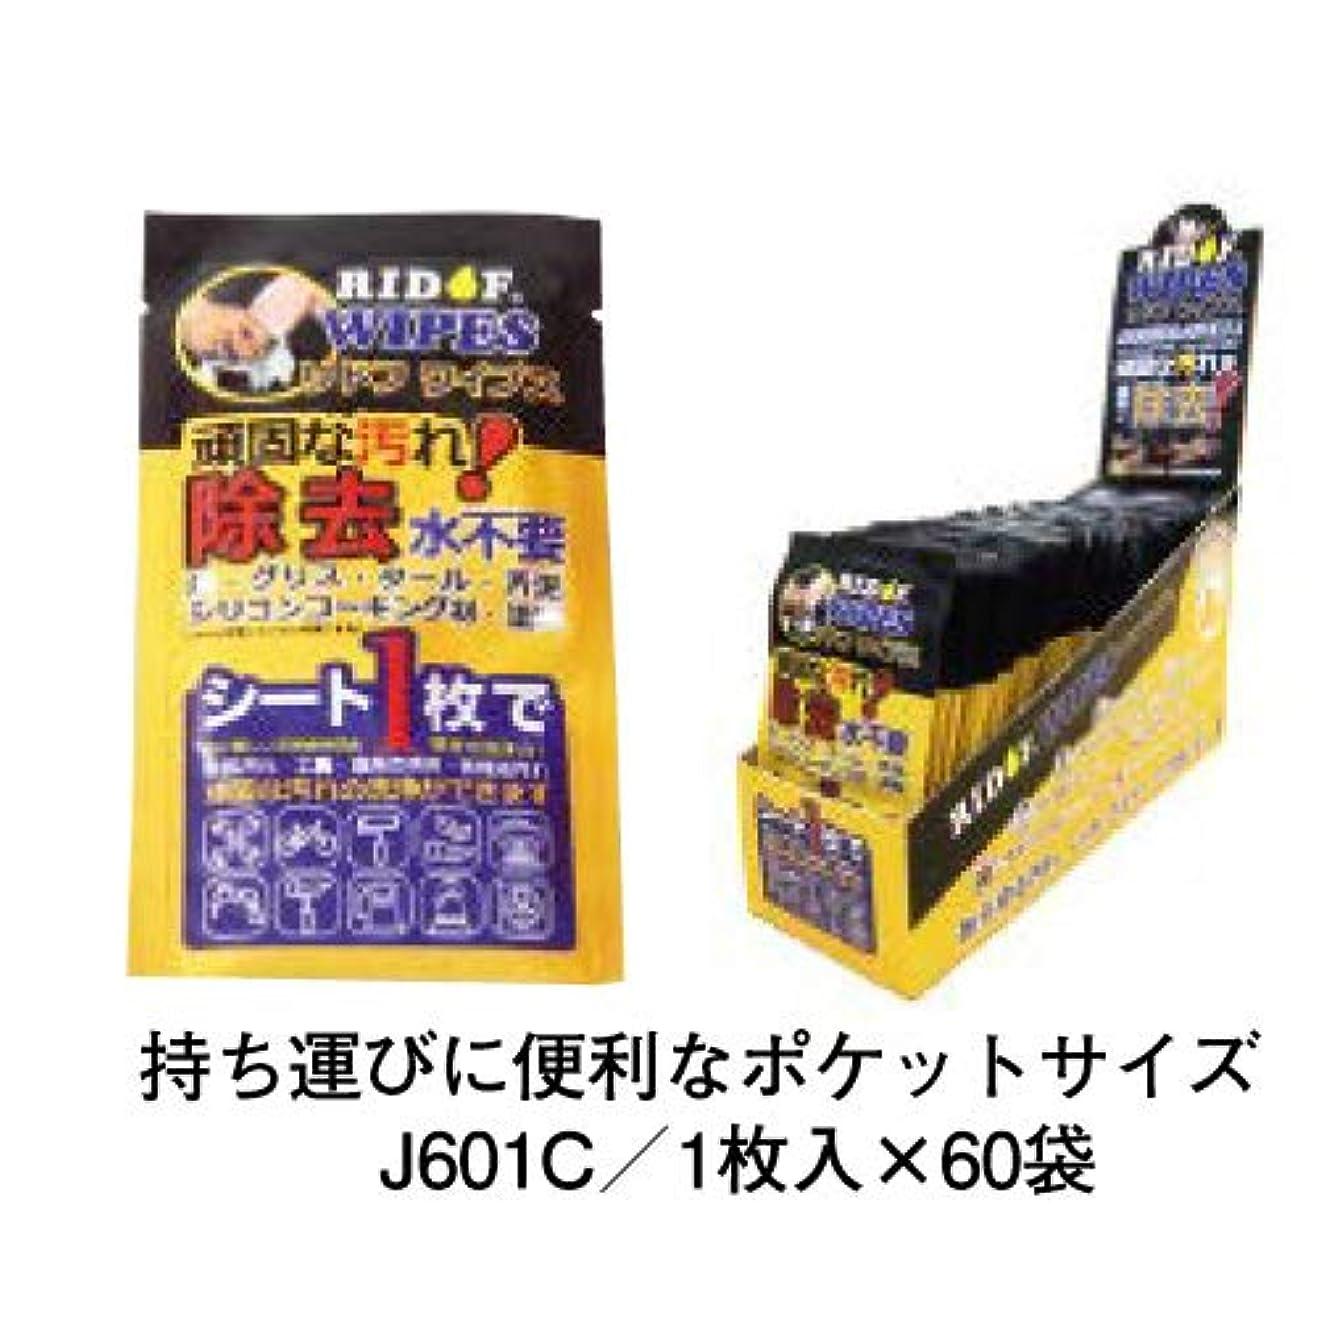 貸すインセンティブオピエートリドフワイプス ポケットタイプ/1枚入×60袋 J601C